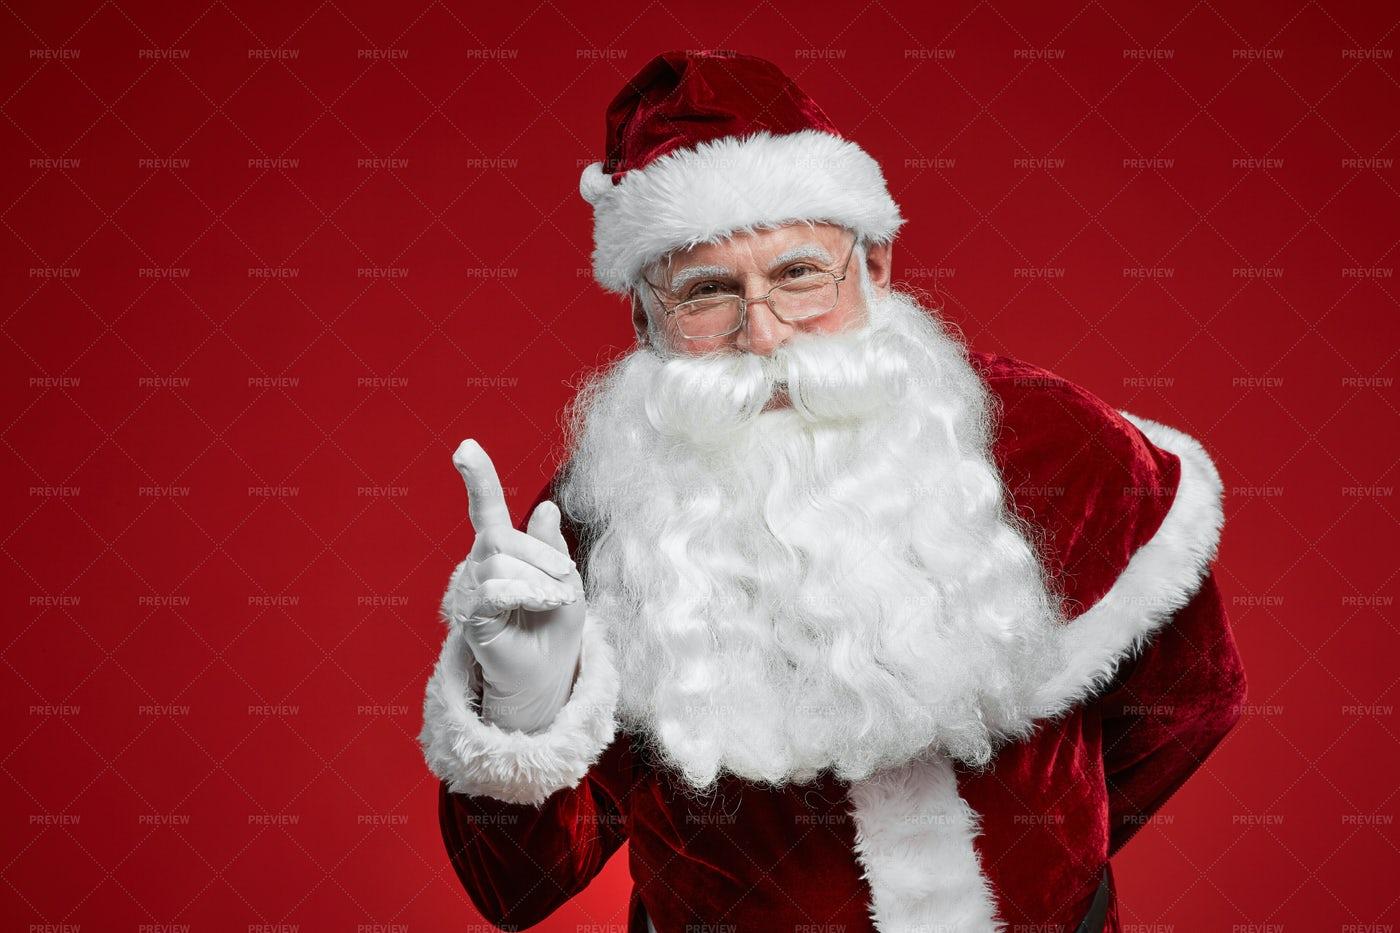 Santa Has An Idea: Stock Photos